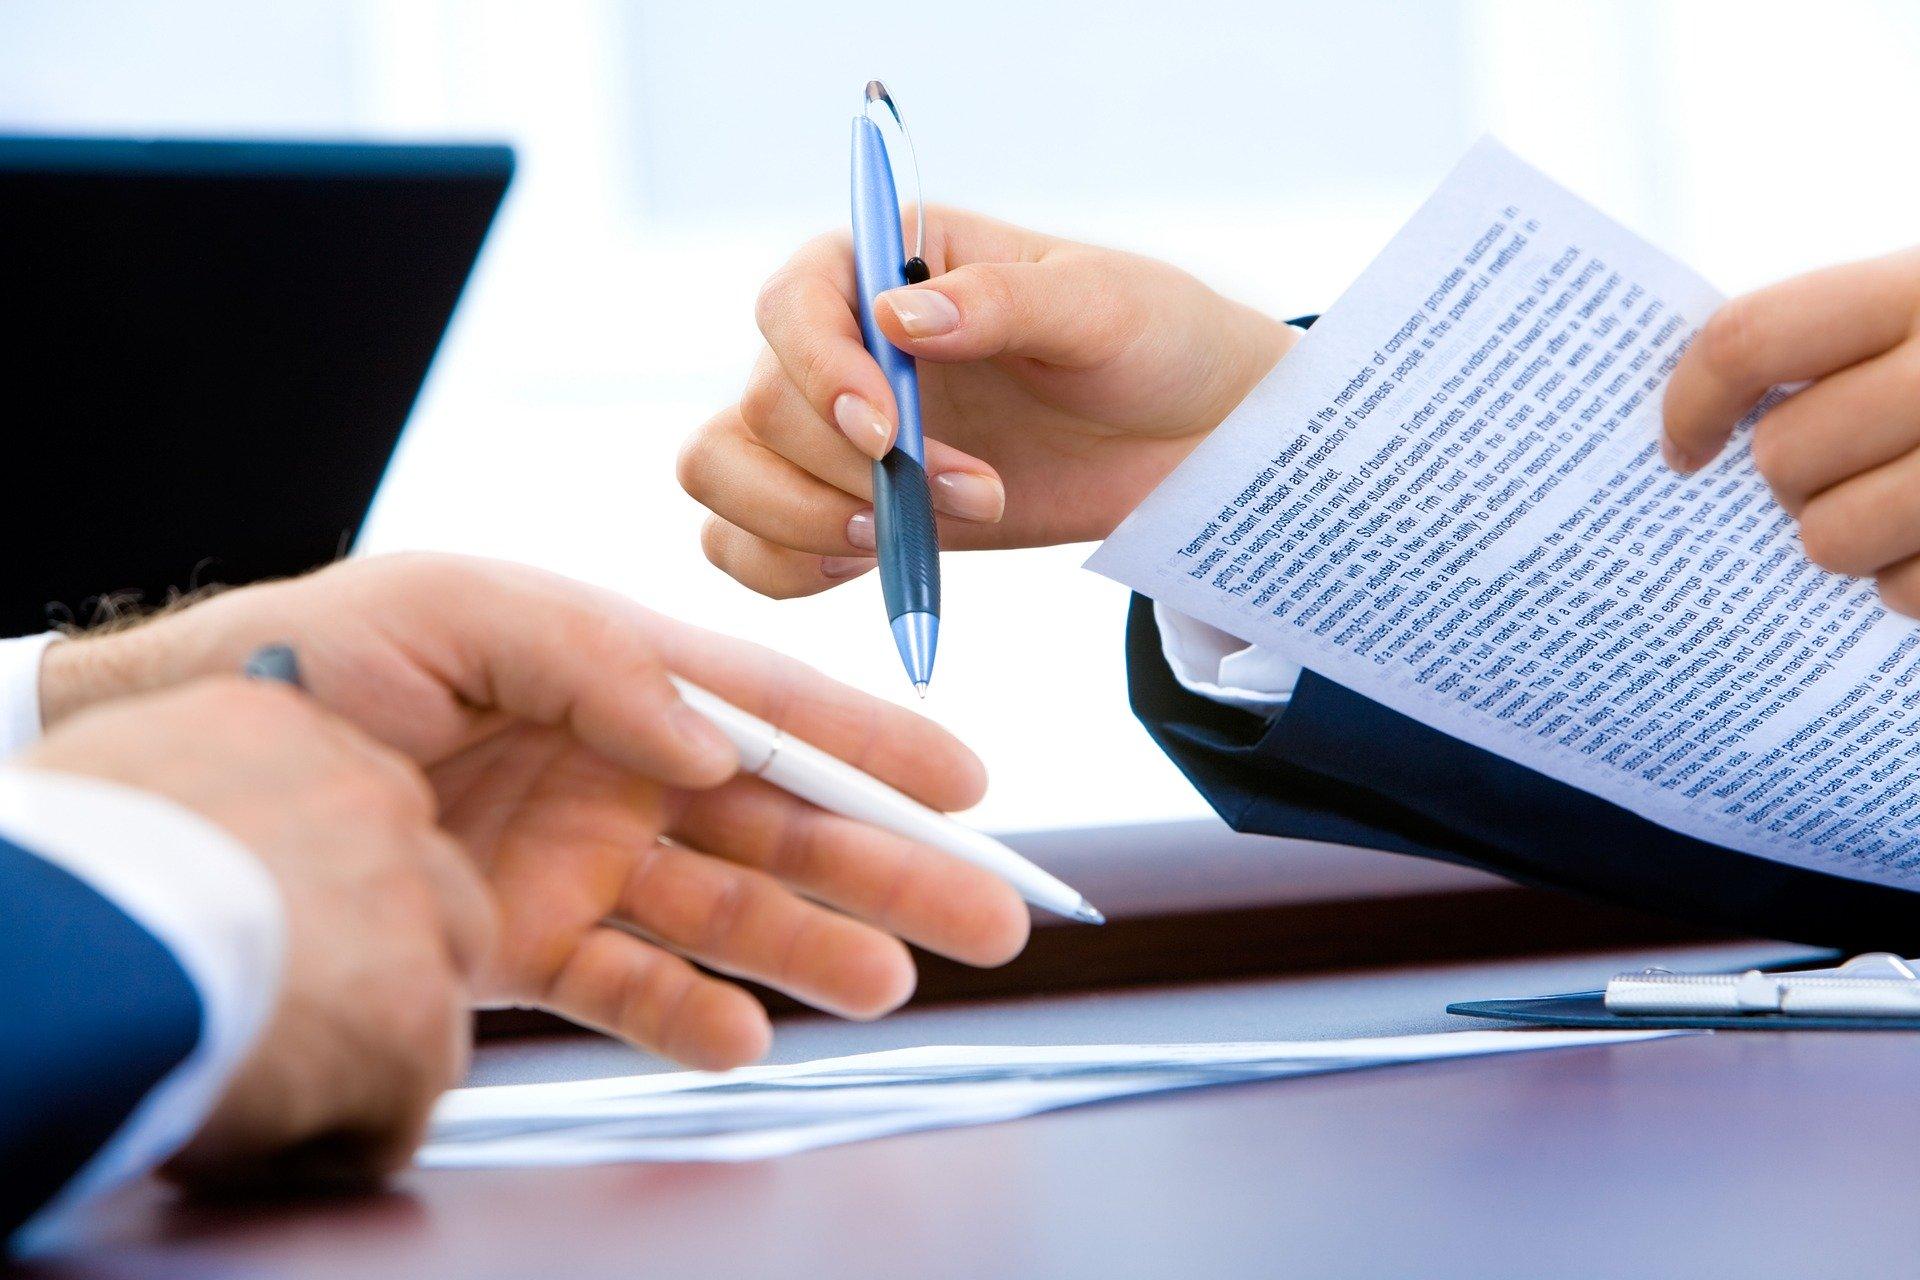 Frau Und Mann Beim Arbeiten Mit Dokumenten Auf Einem Tisch